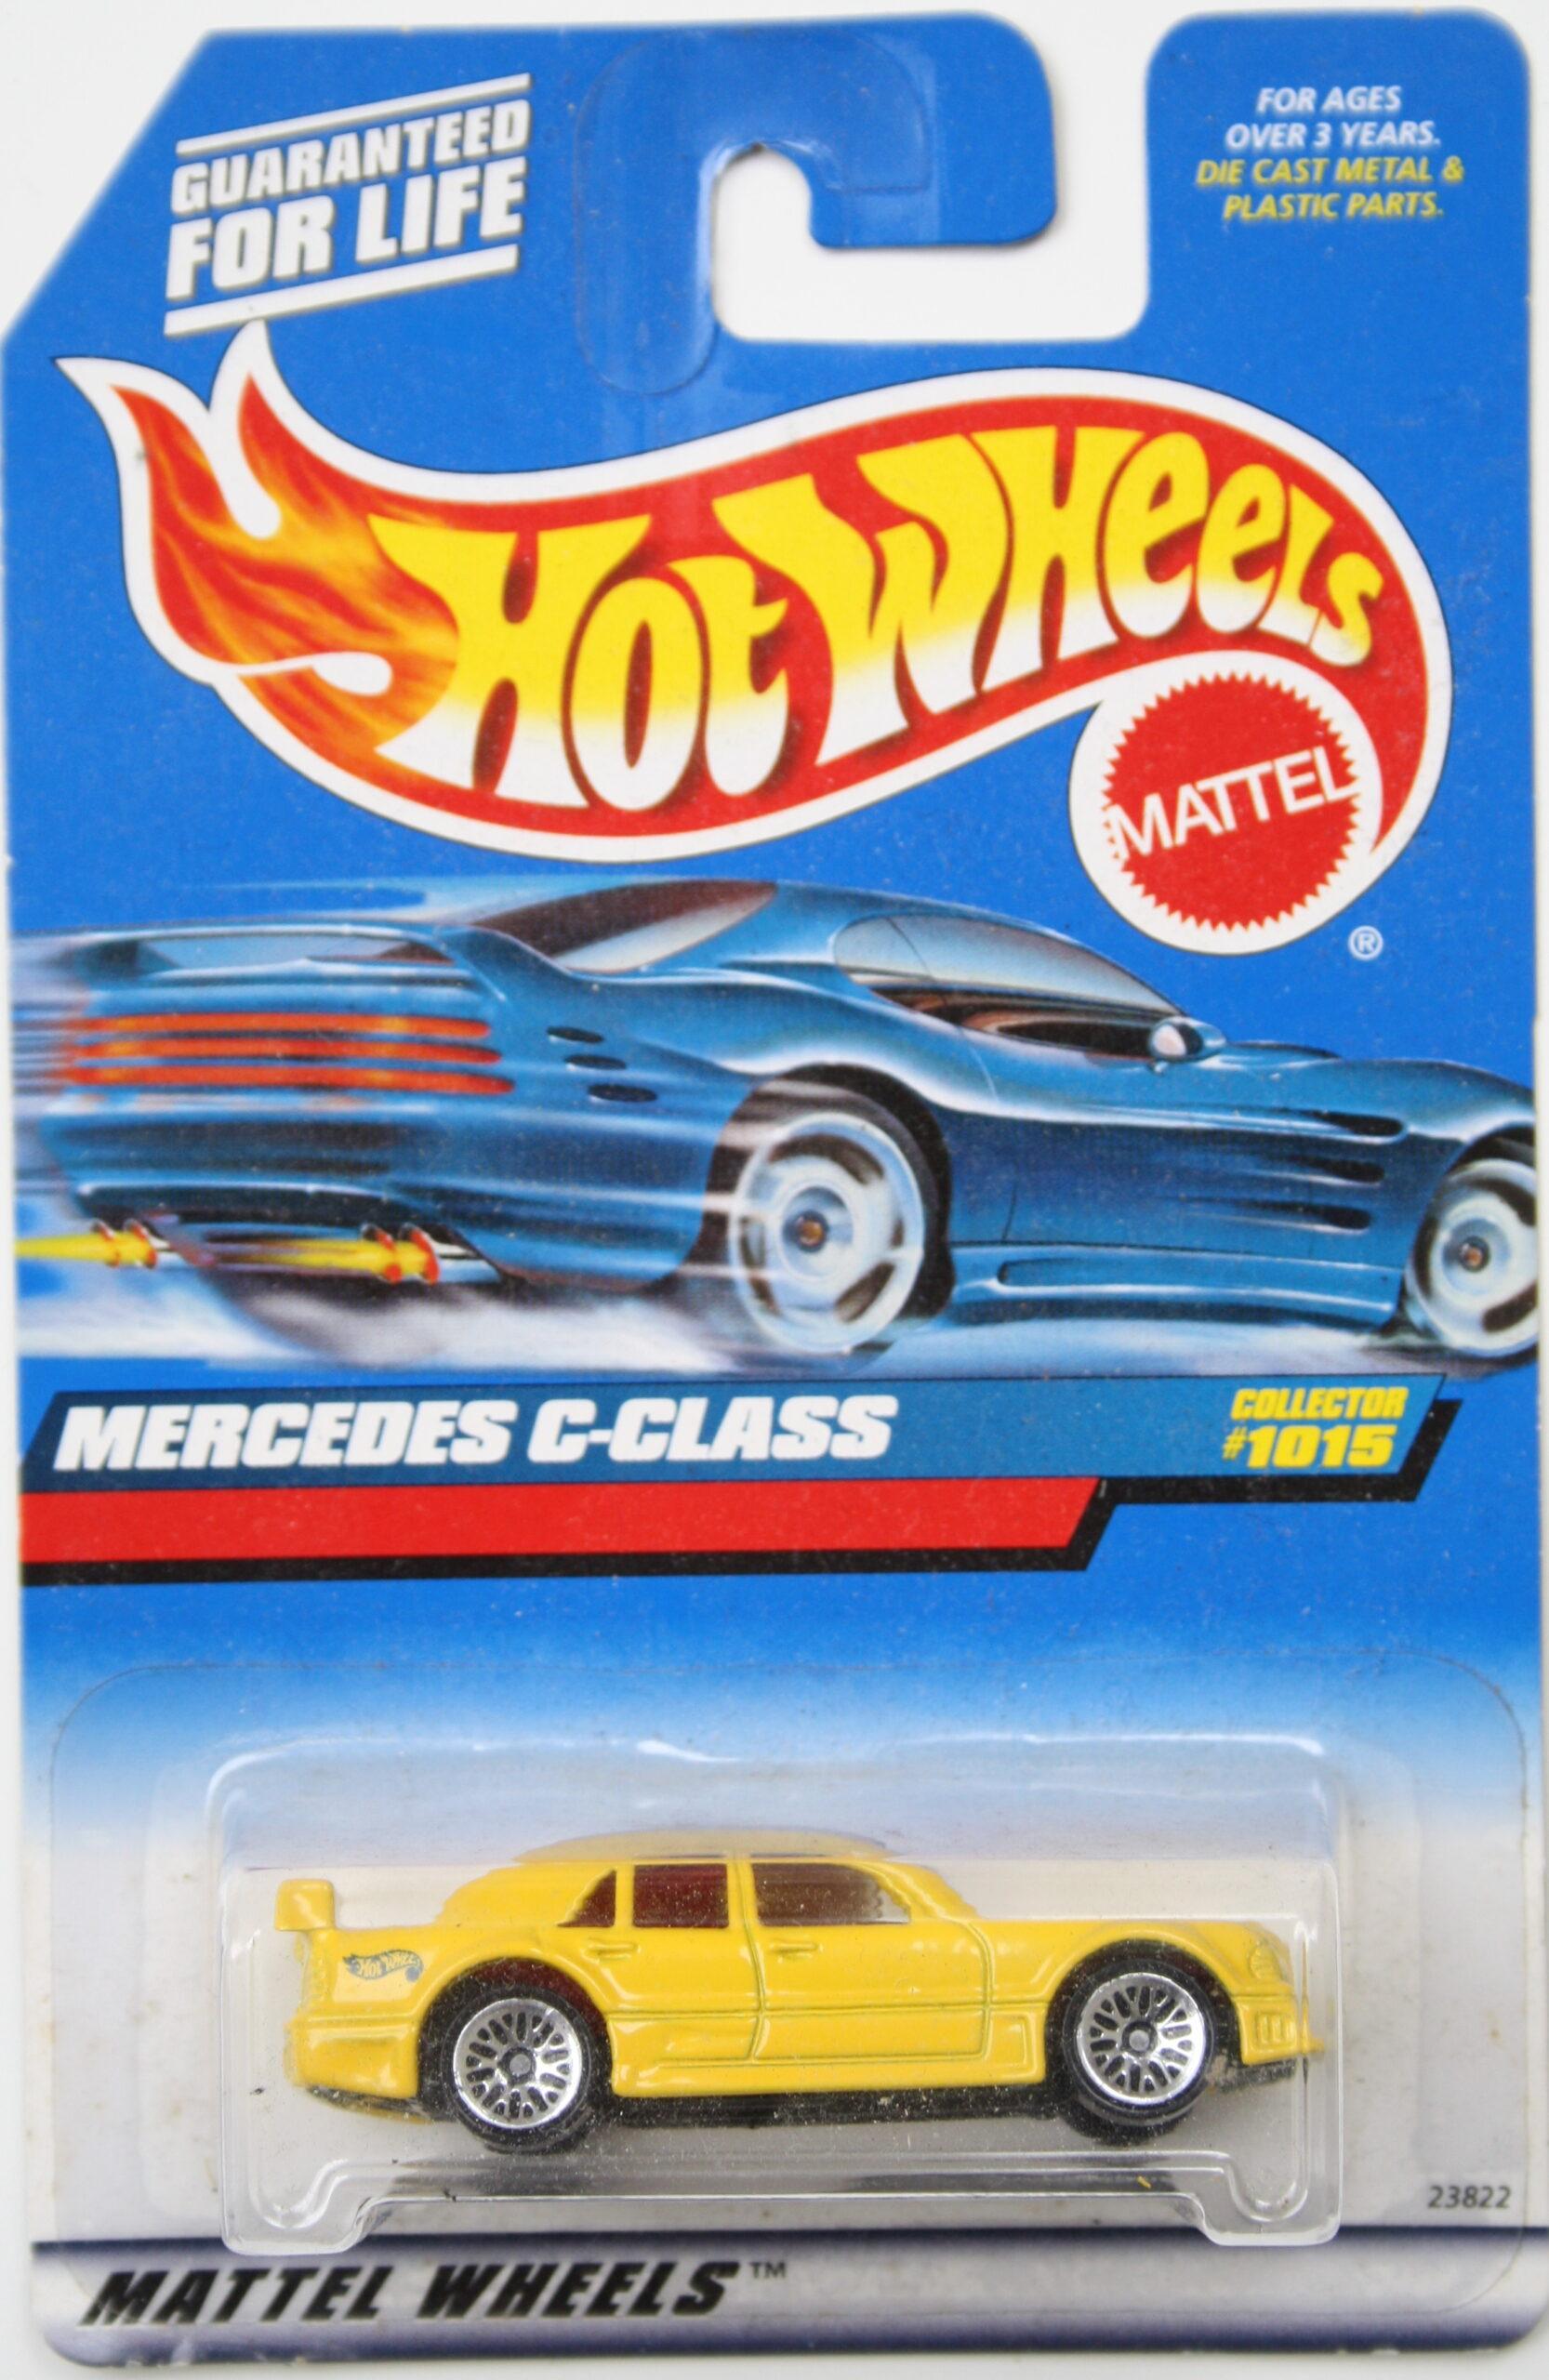 Hot Wheels Mercedes C-class yellow